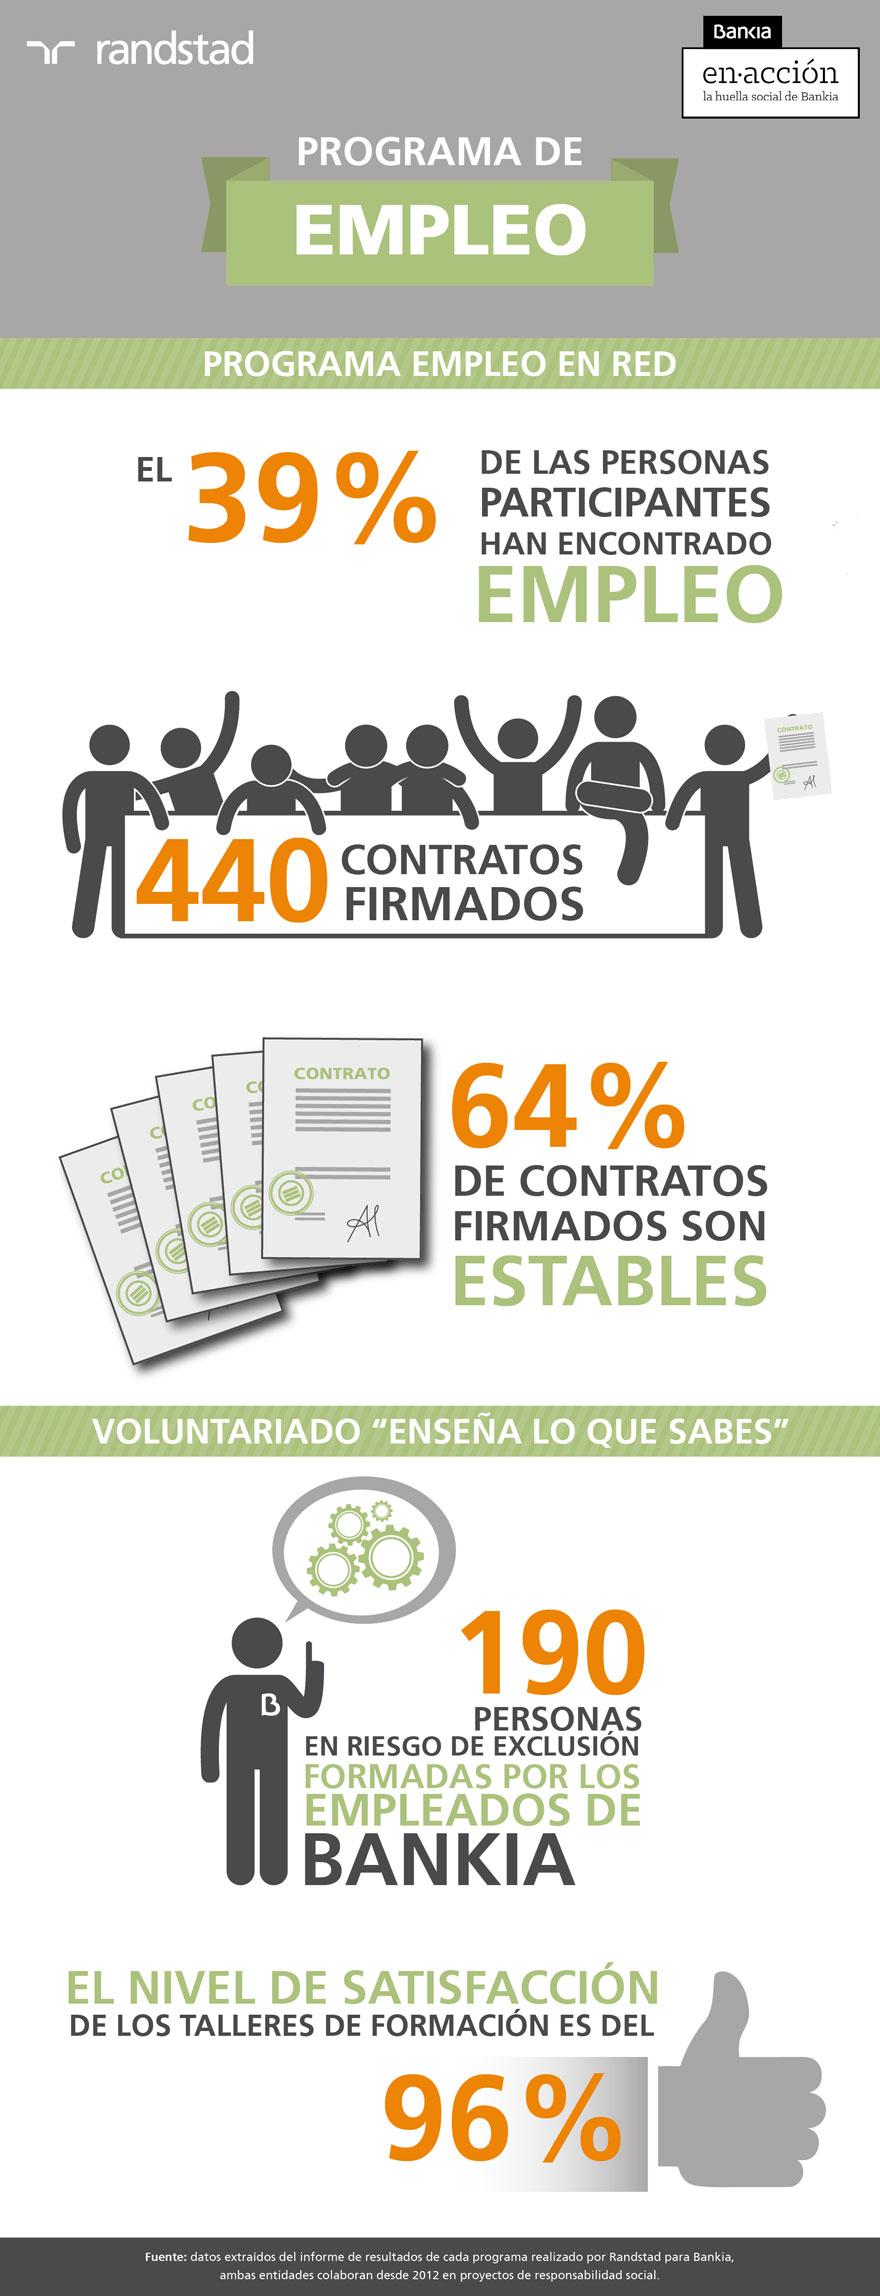 programa empleo en Red | Fundación Randstad y Bankia